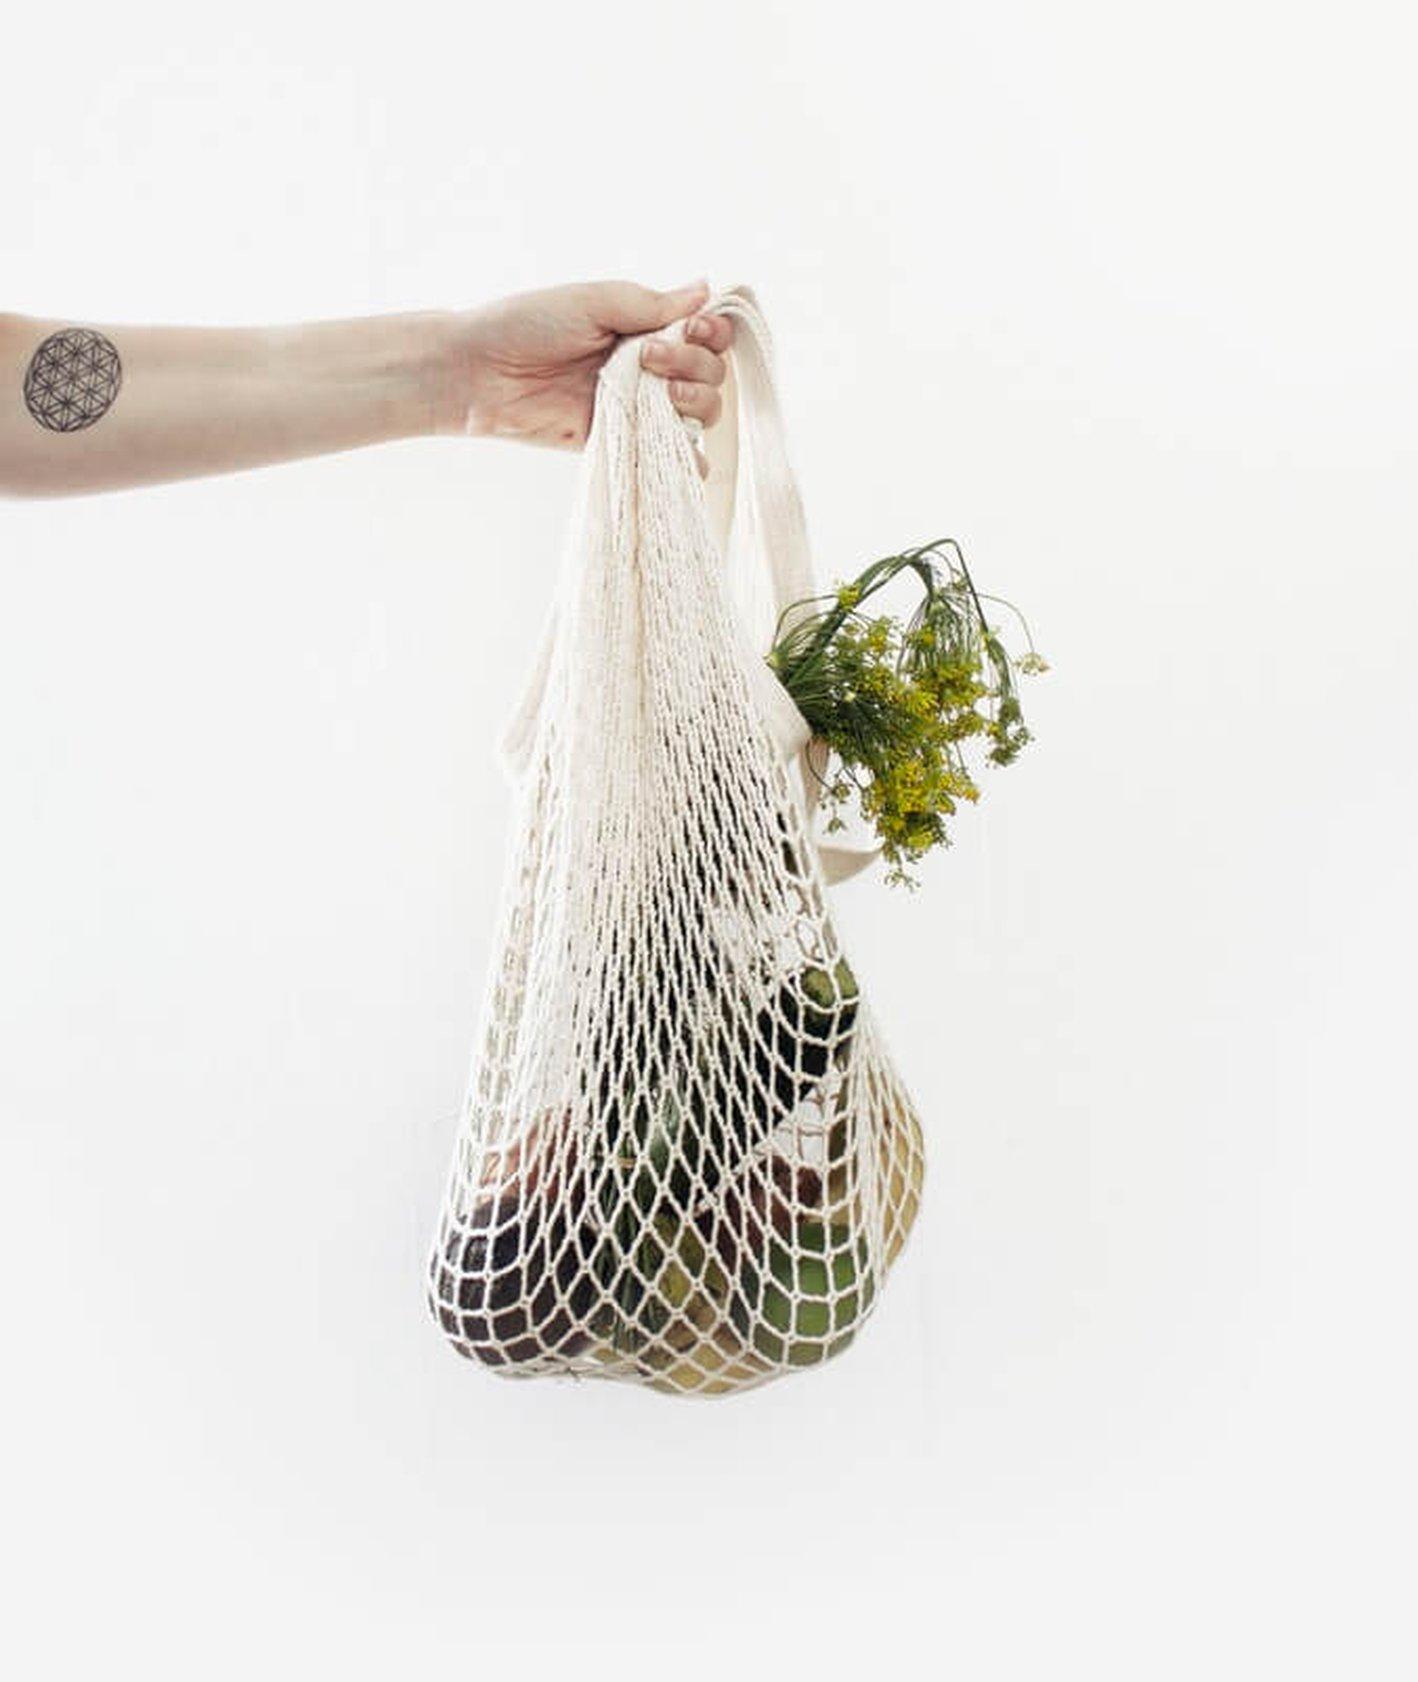 jak rozpoznać żywność ekologiczną, kukbuk poleca, jak czytać etykiety, zdrowe życie, jak żyć eko